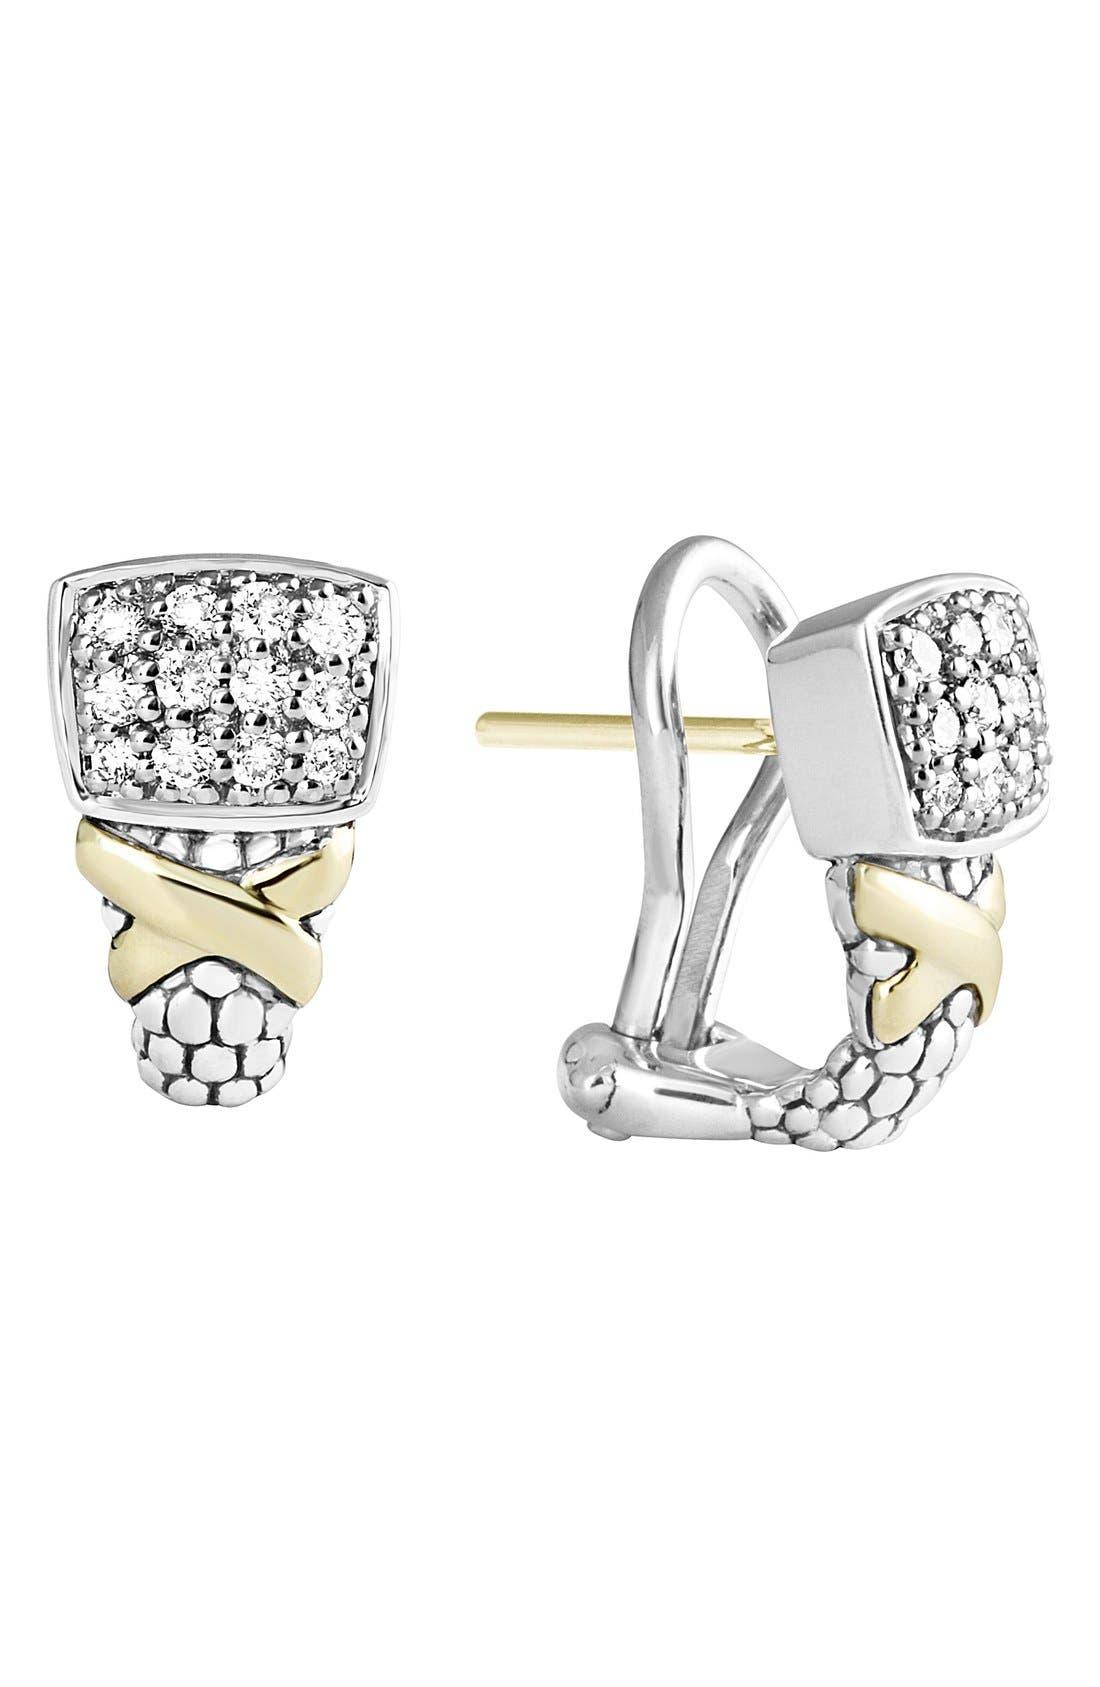 Main Image - LAGOS 'Diamond Lux' Diamond Stud Earrings